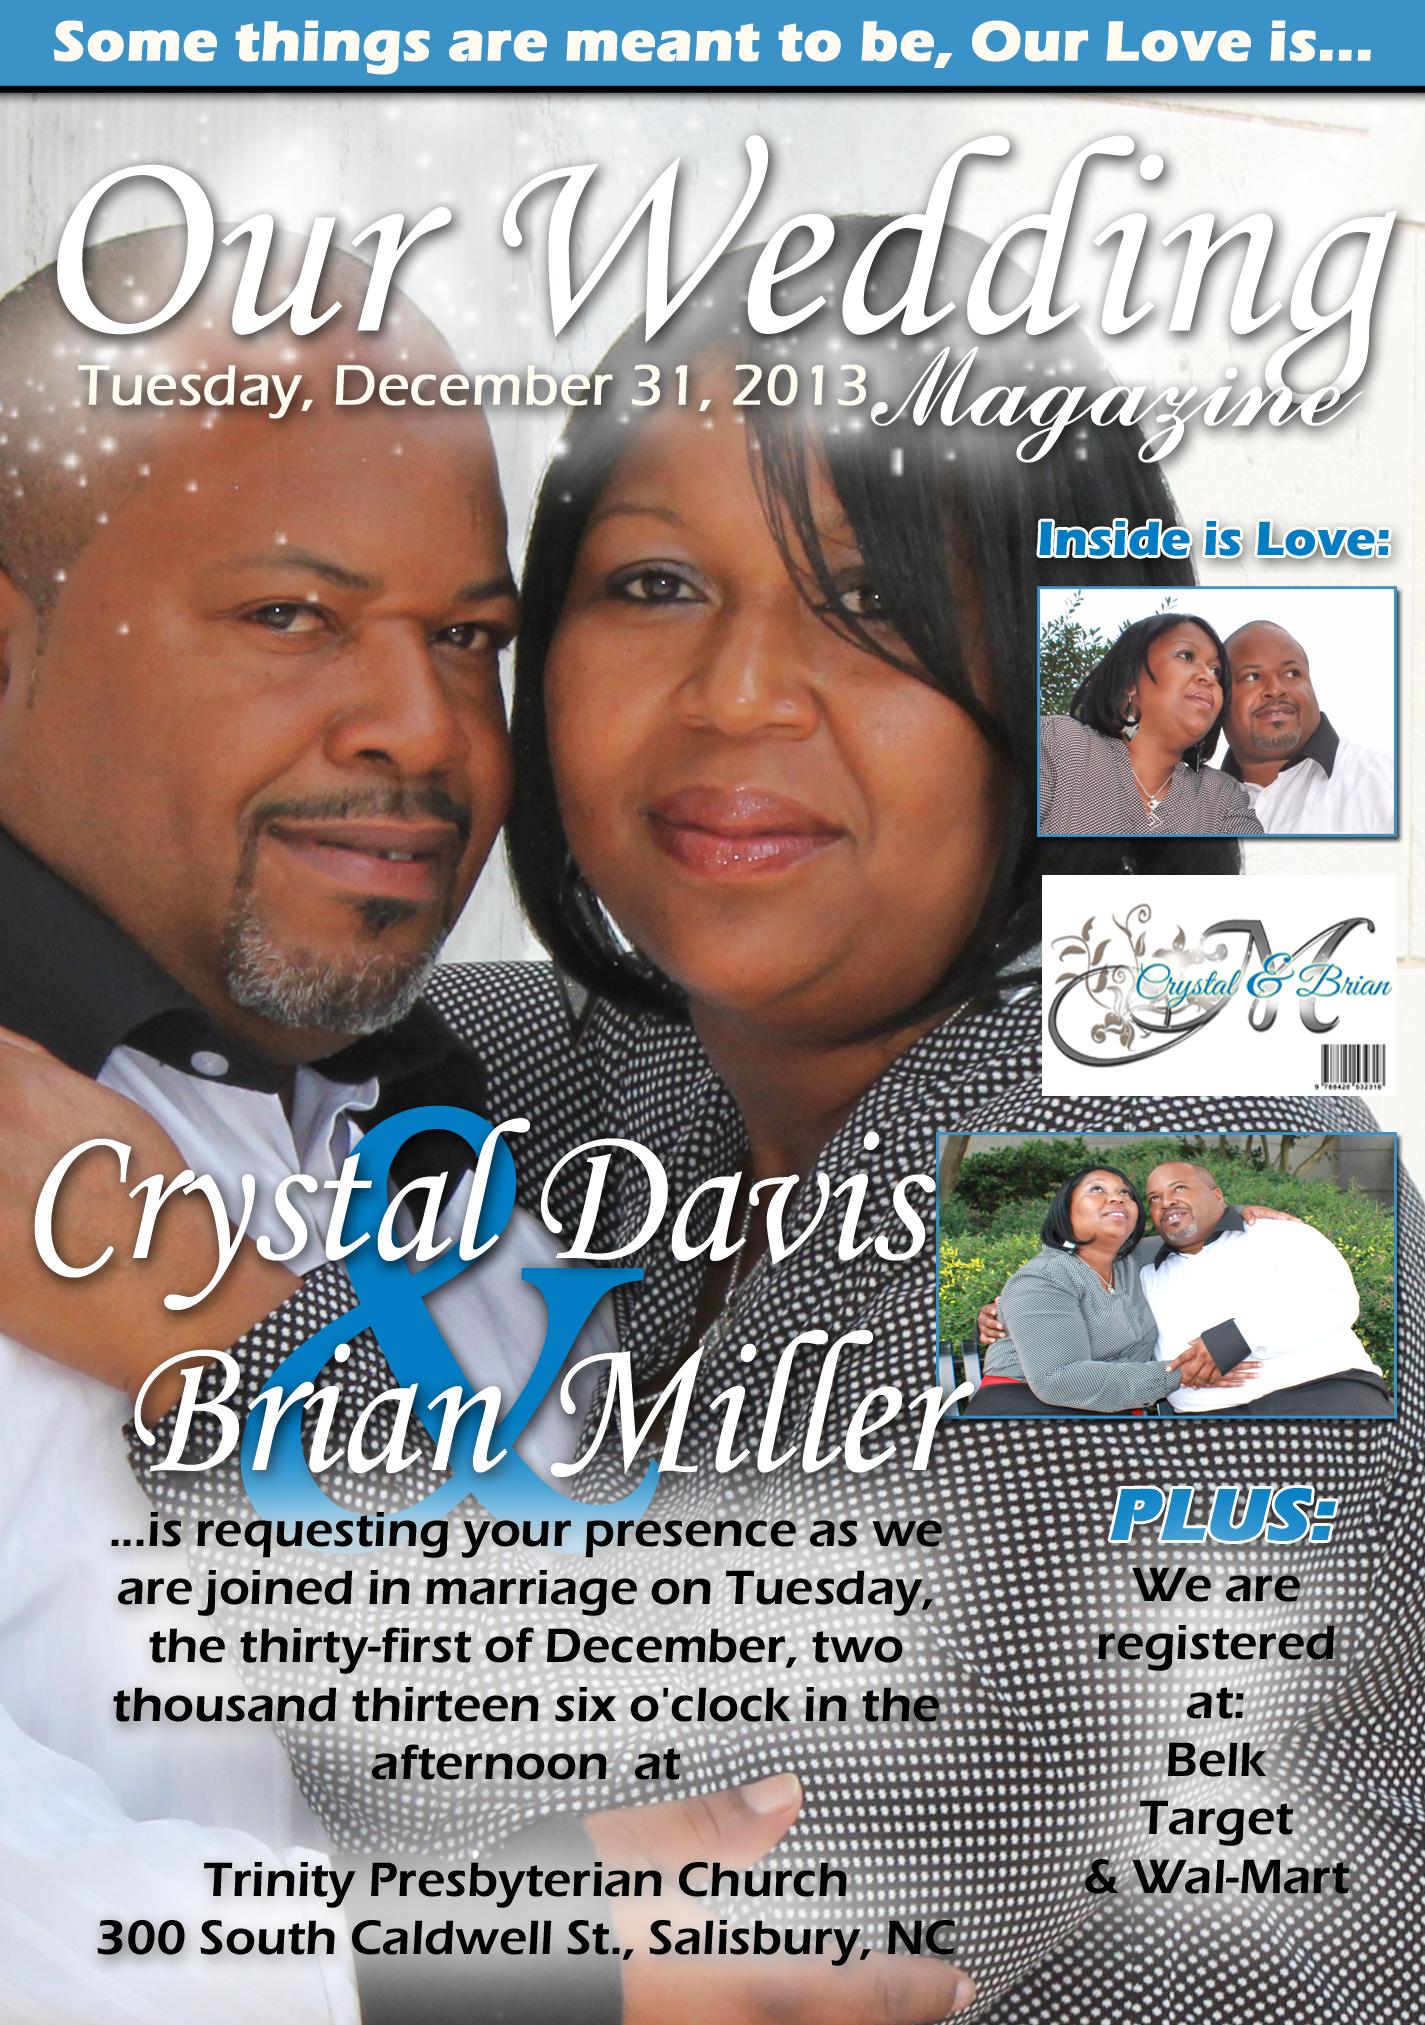 Wedding Invitation: Magazine Cover Theme. | Graphic Designs ...